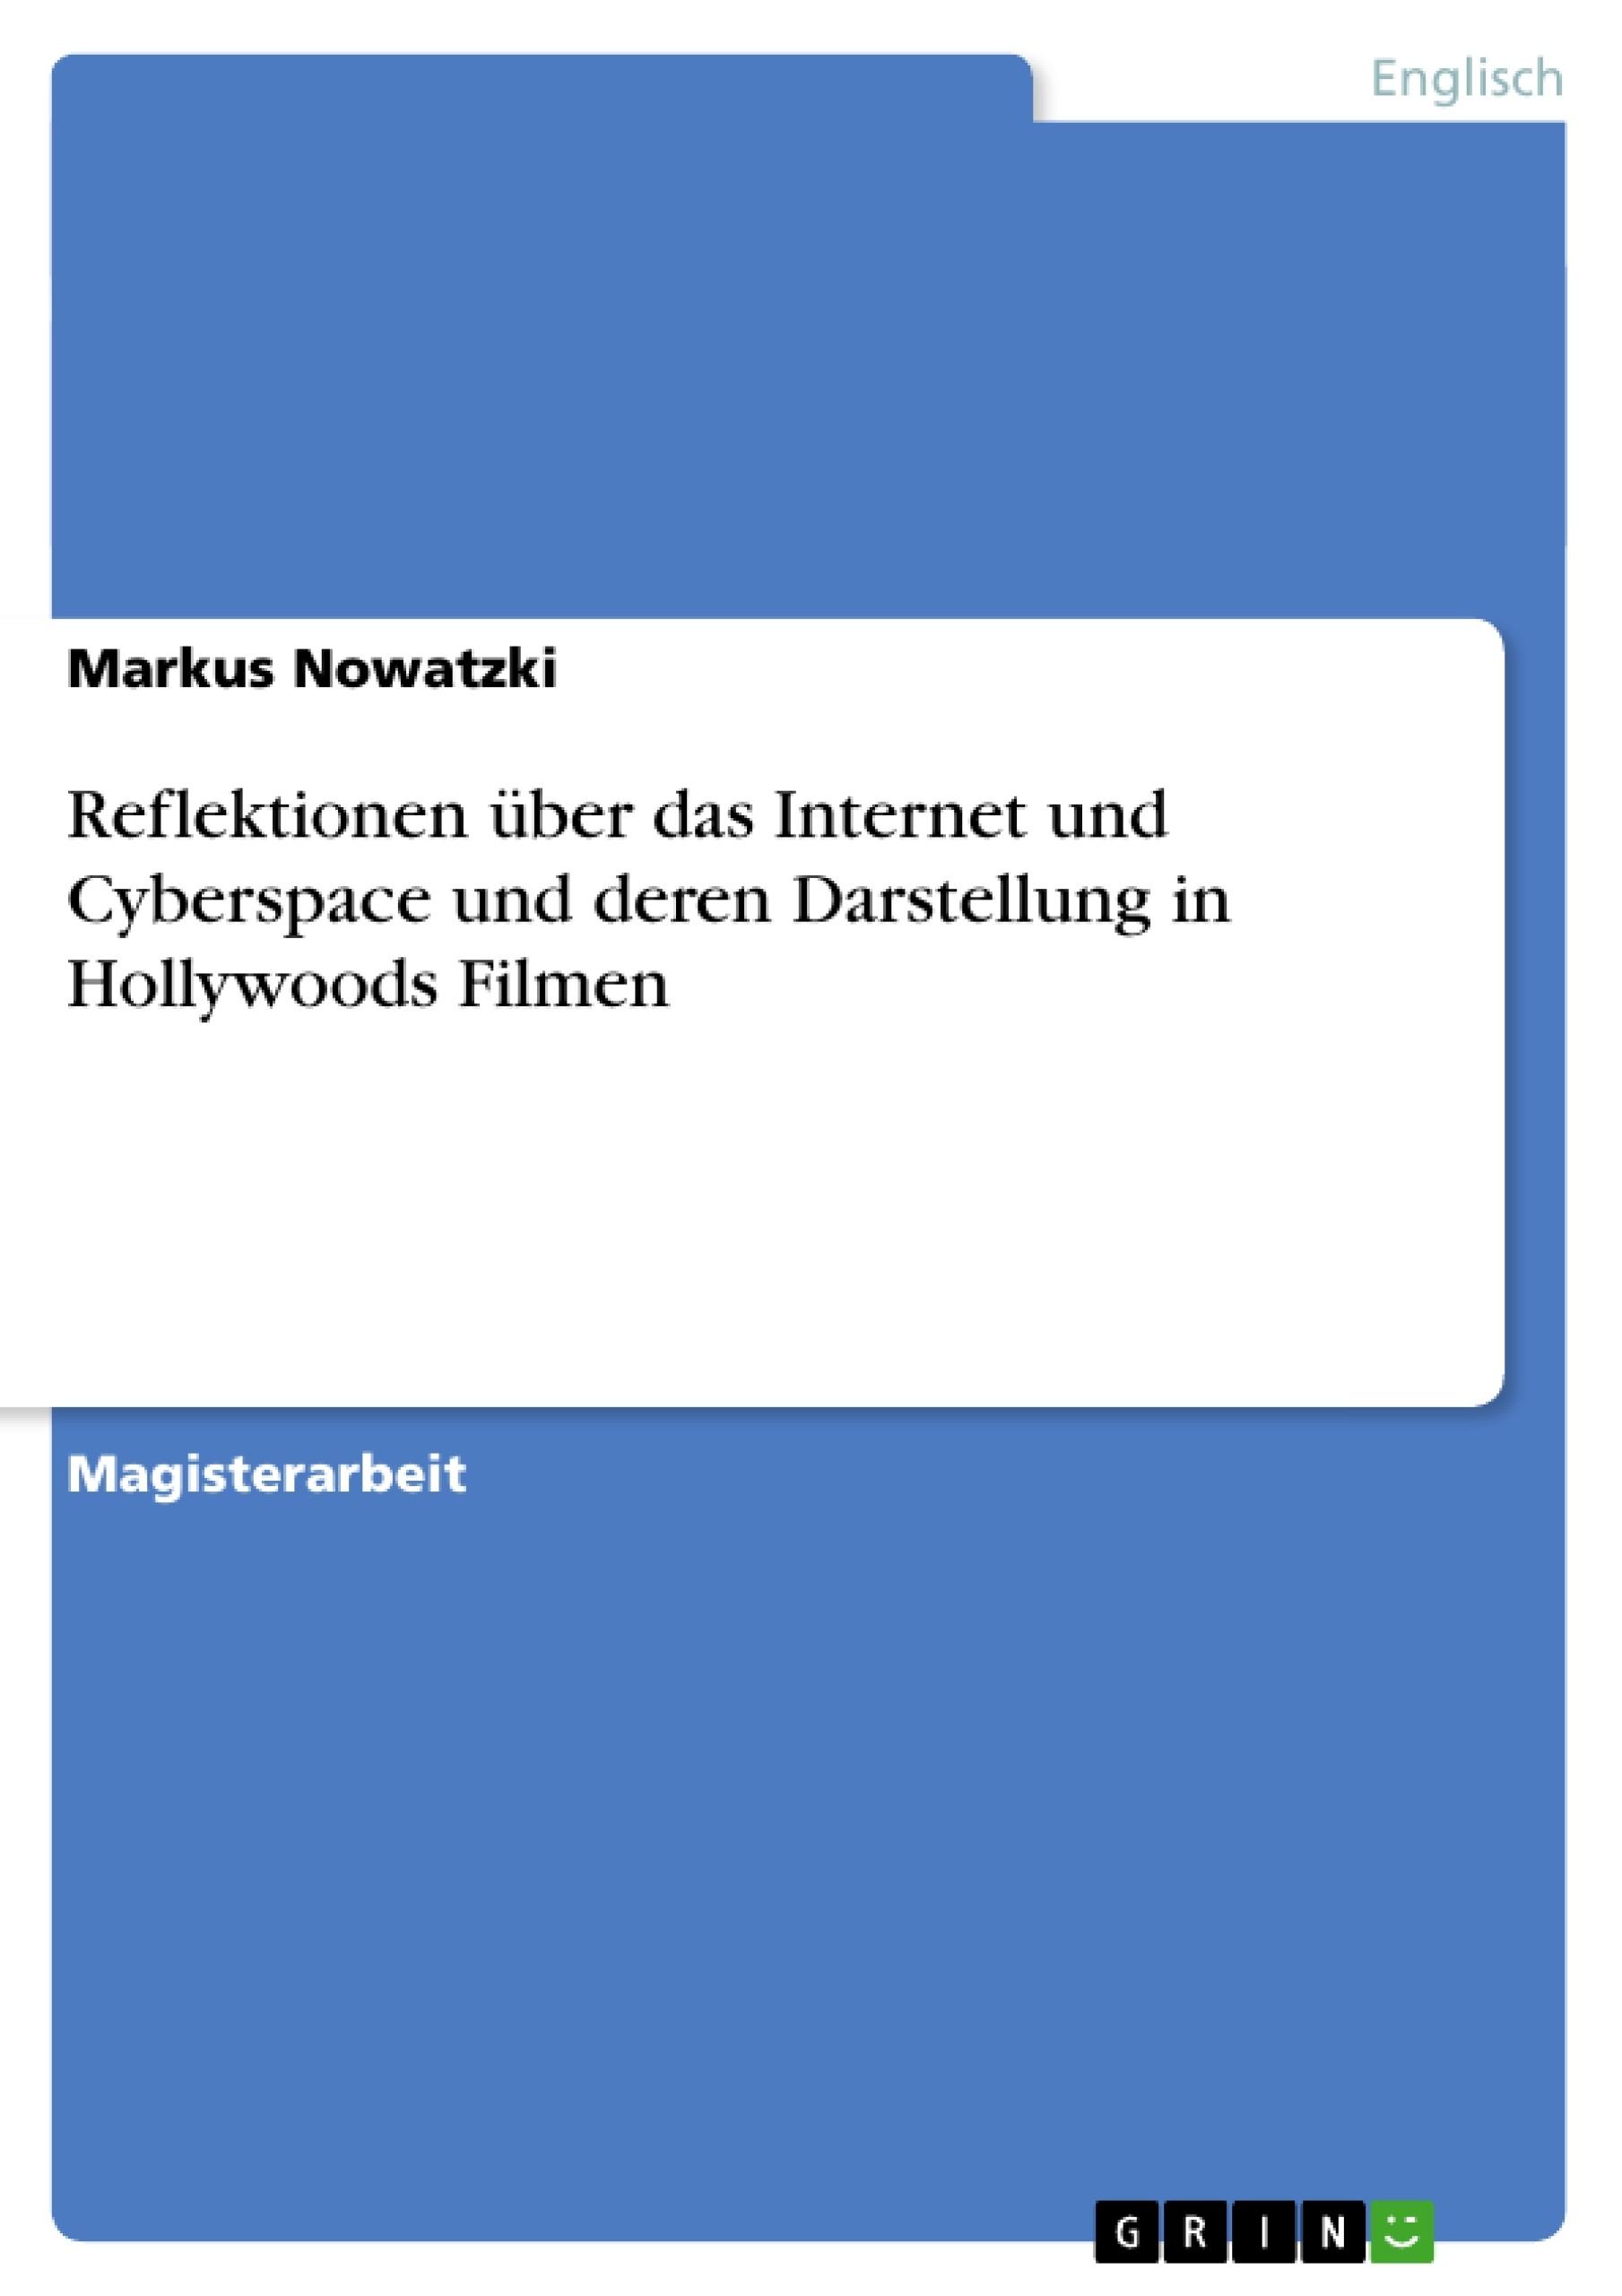 Titel: Reflektionen über das Internet und Cyberspace und deren Darstellung in Hollywoods Filmen